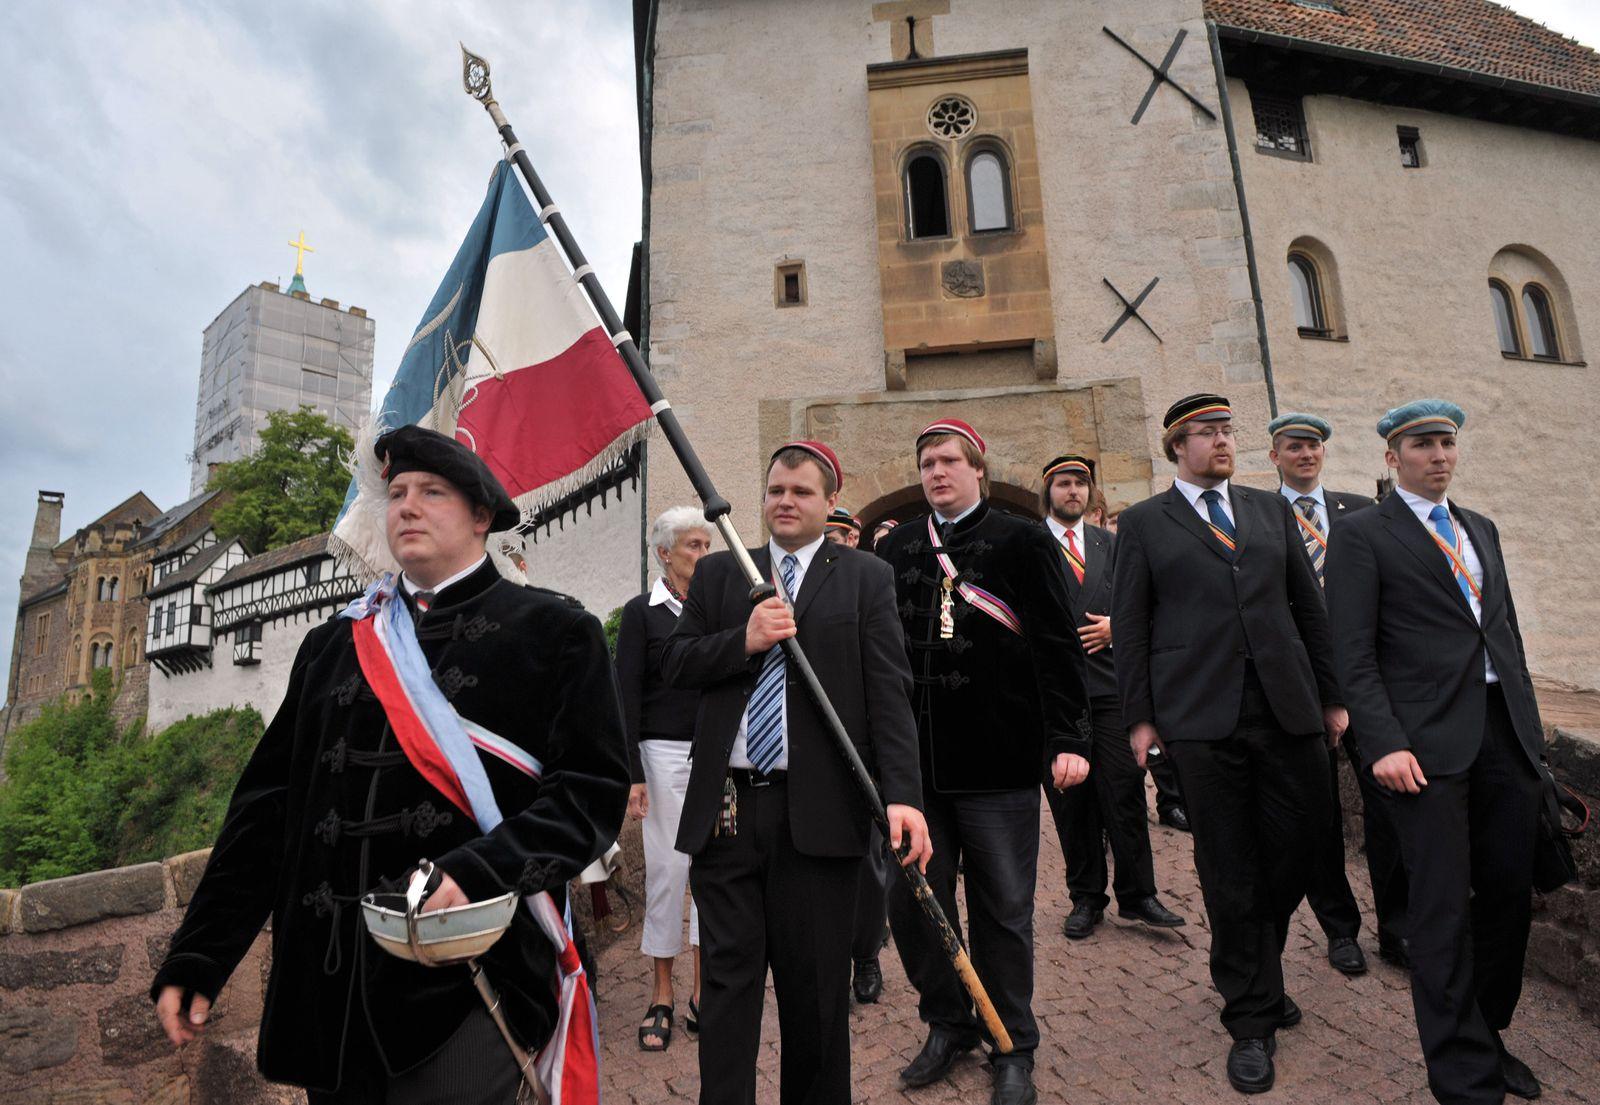 Burschenschaftstreffen Eisenach